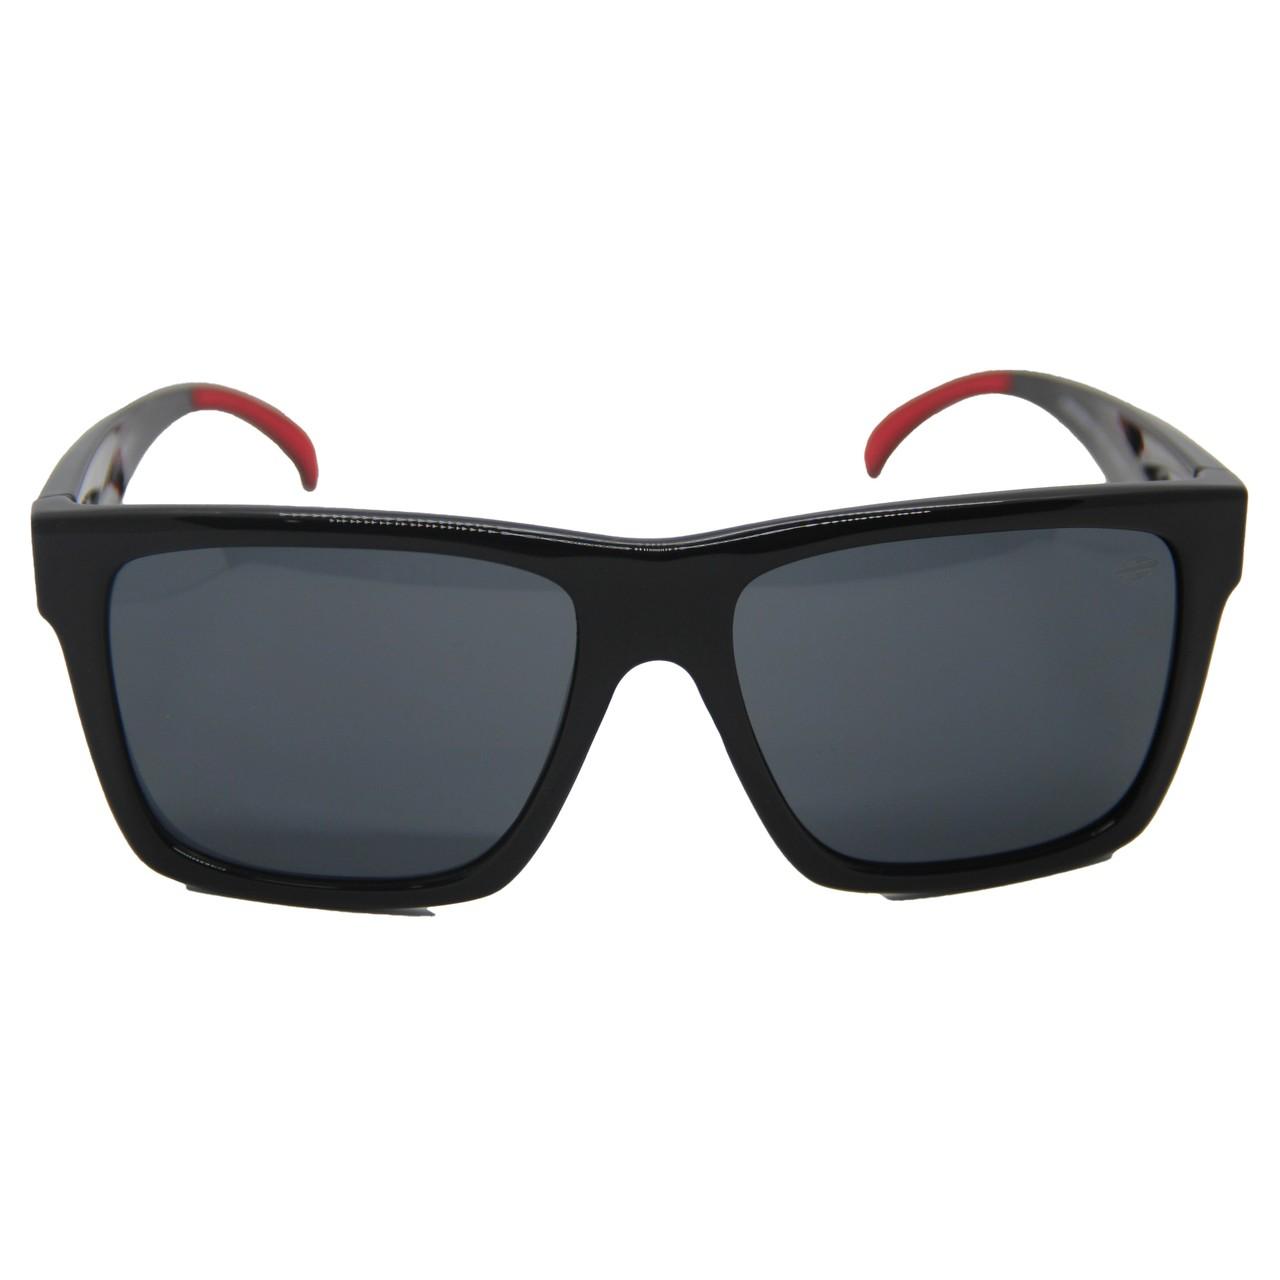 Oculos Solar Mormaii San Diego M0009a0201- Preto/Vermelho - Lente Cinza